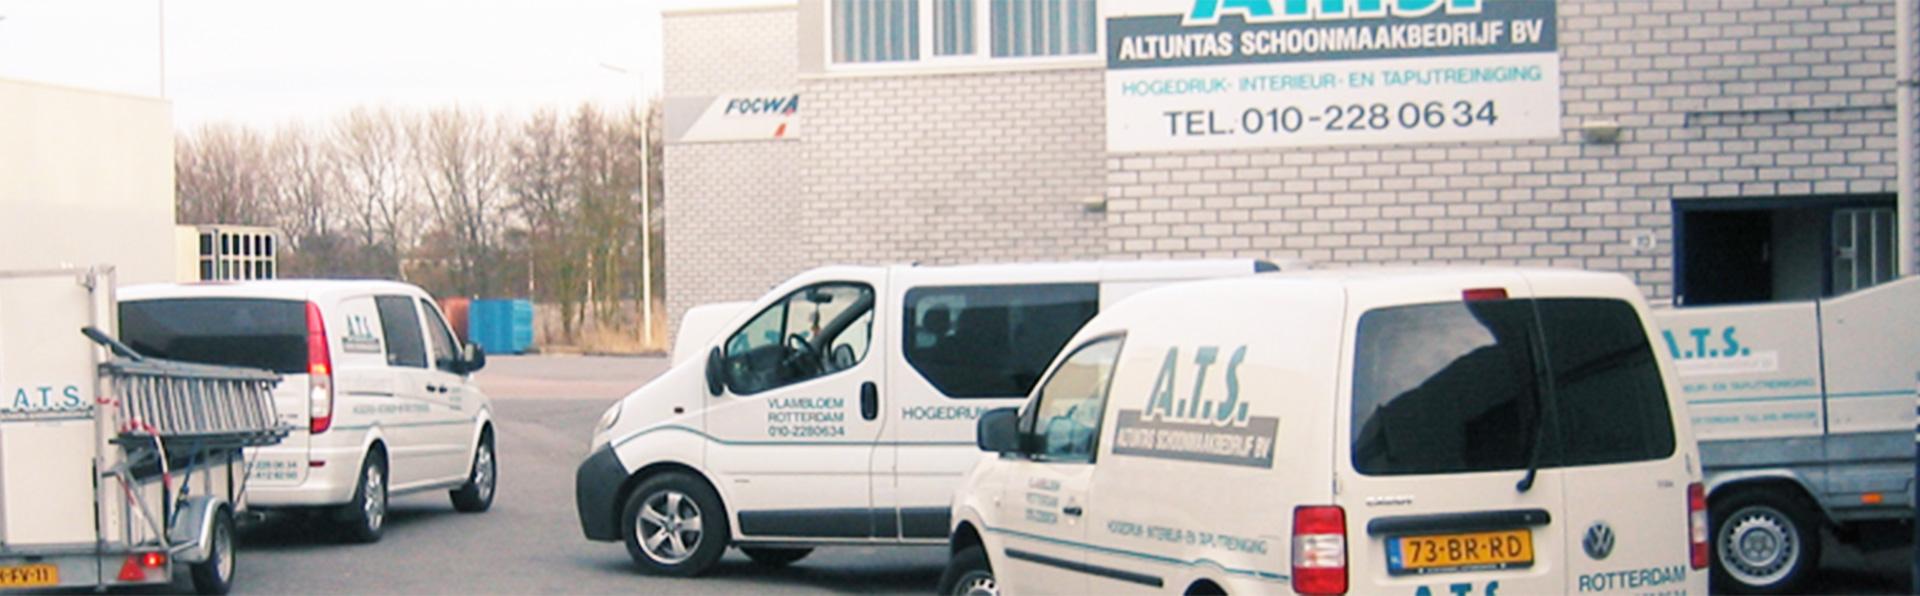 Schoonmaakbedrijf- Voorburg-ATS-header